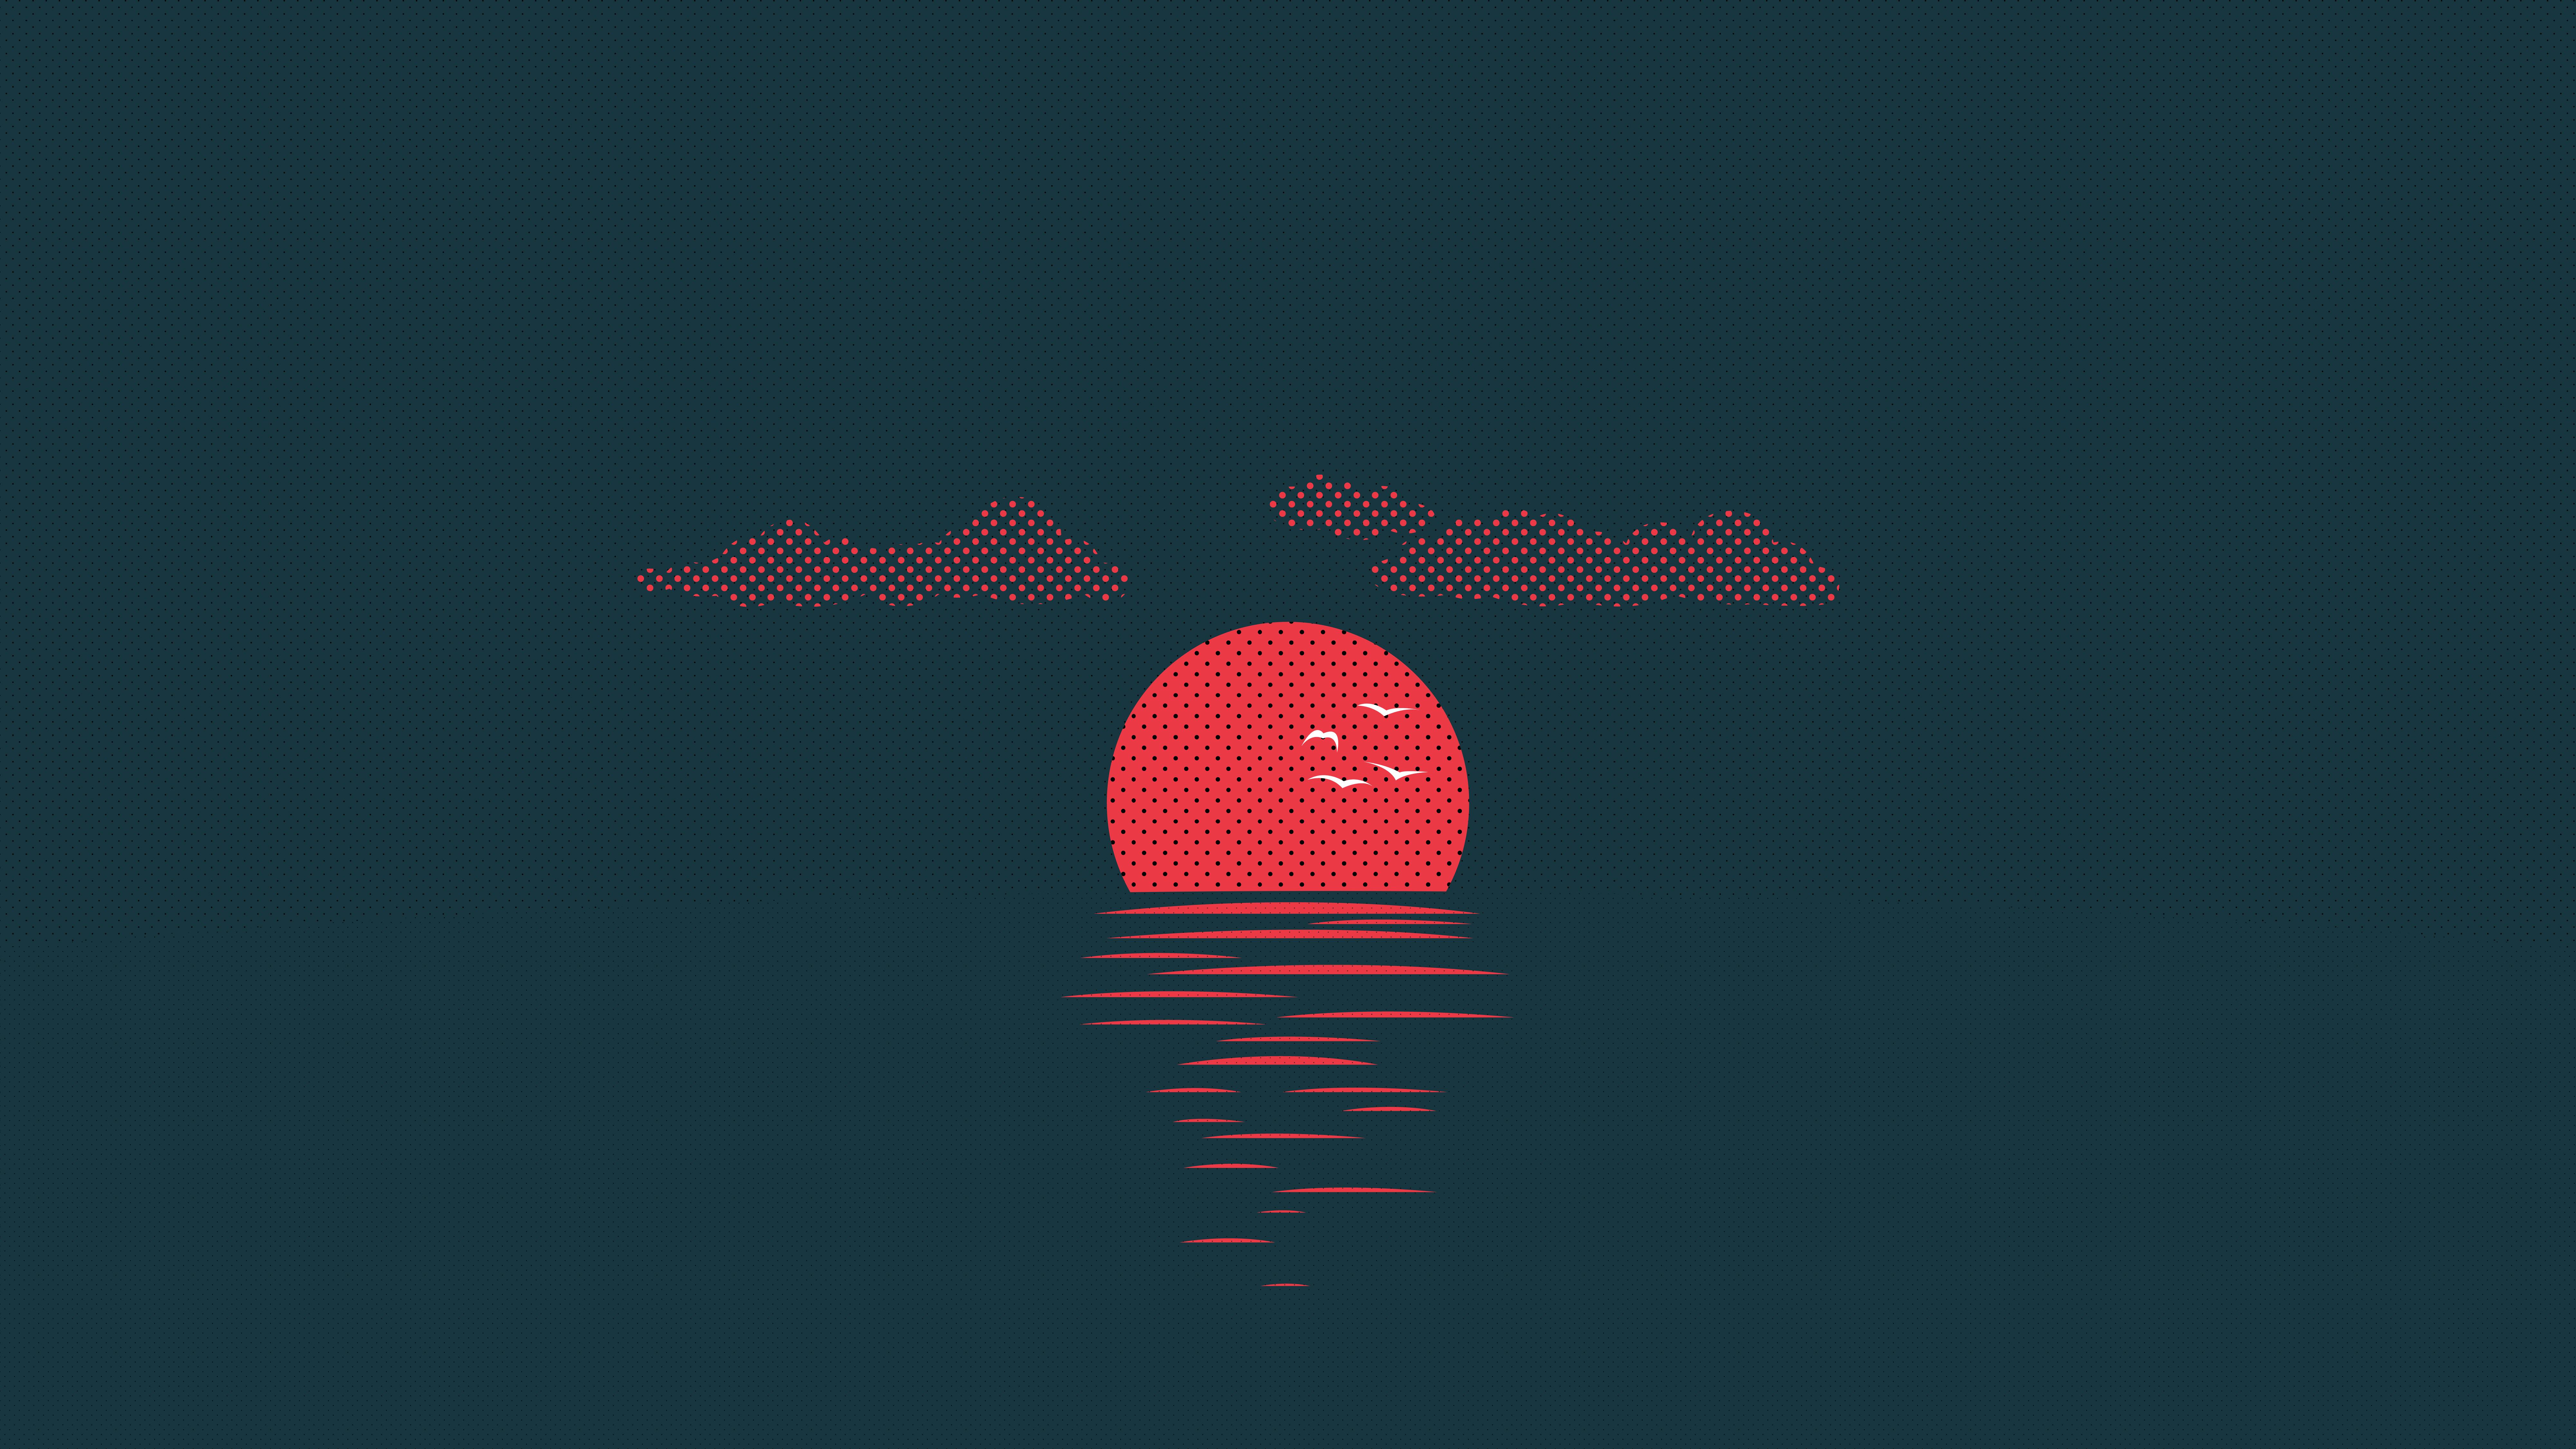 Sunset 8K 540x960 Resolution Wallpaper